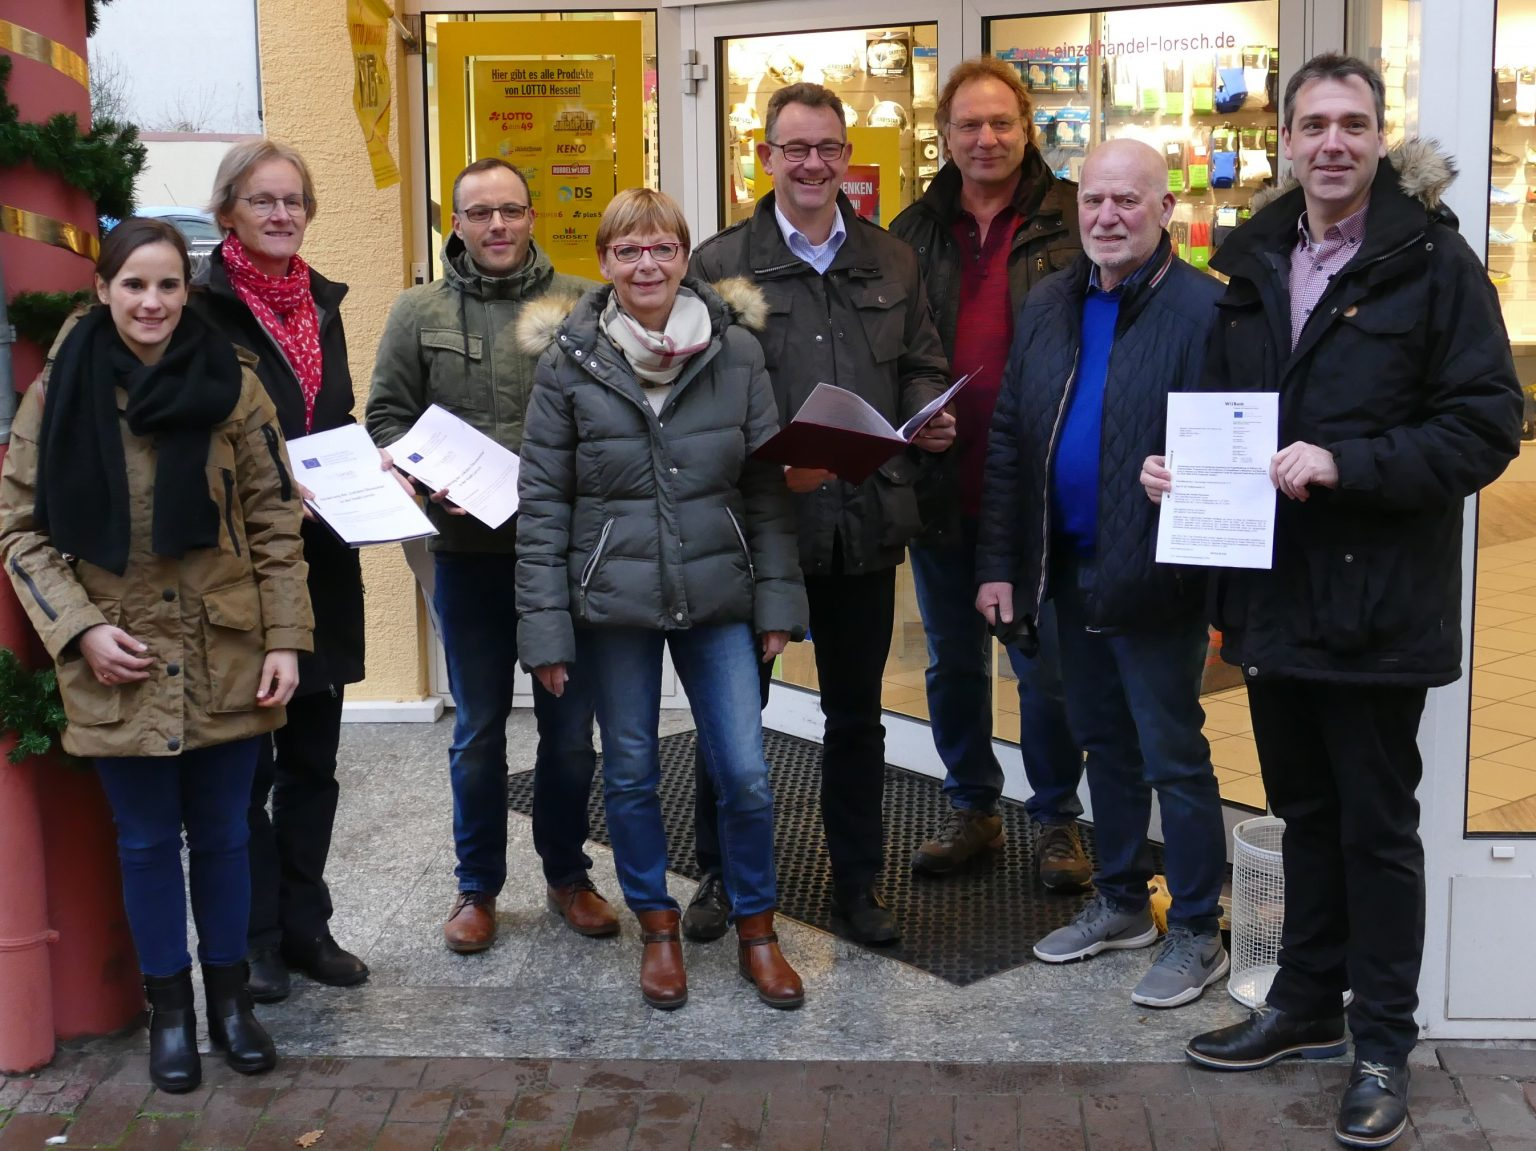 Lorsch wurde ins Förderprogramm Lokale Ökonomie aufgenommen